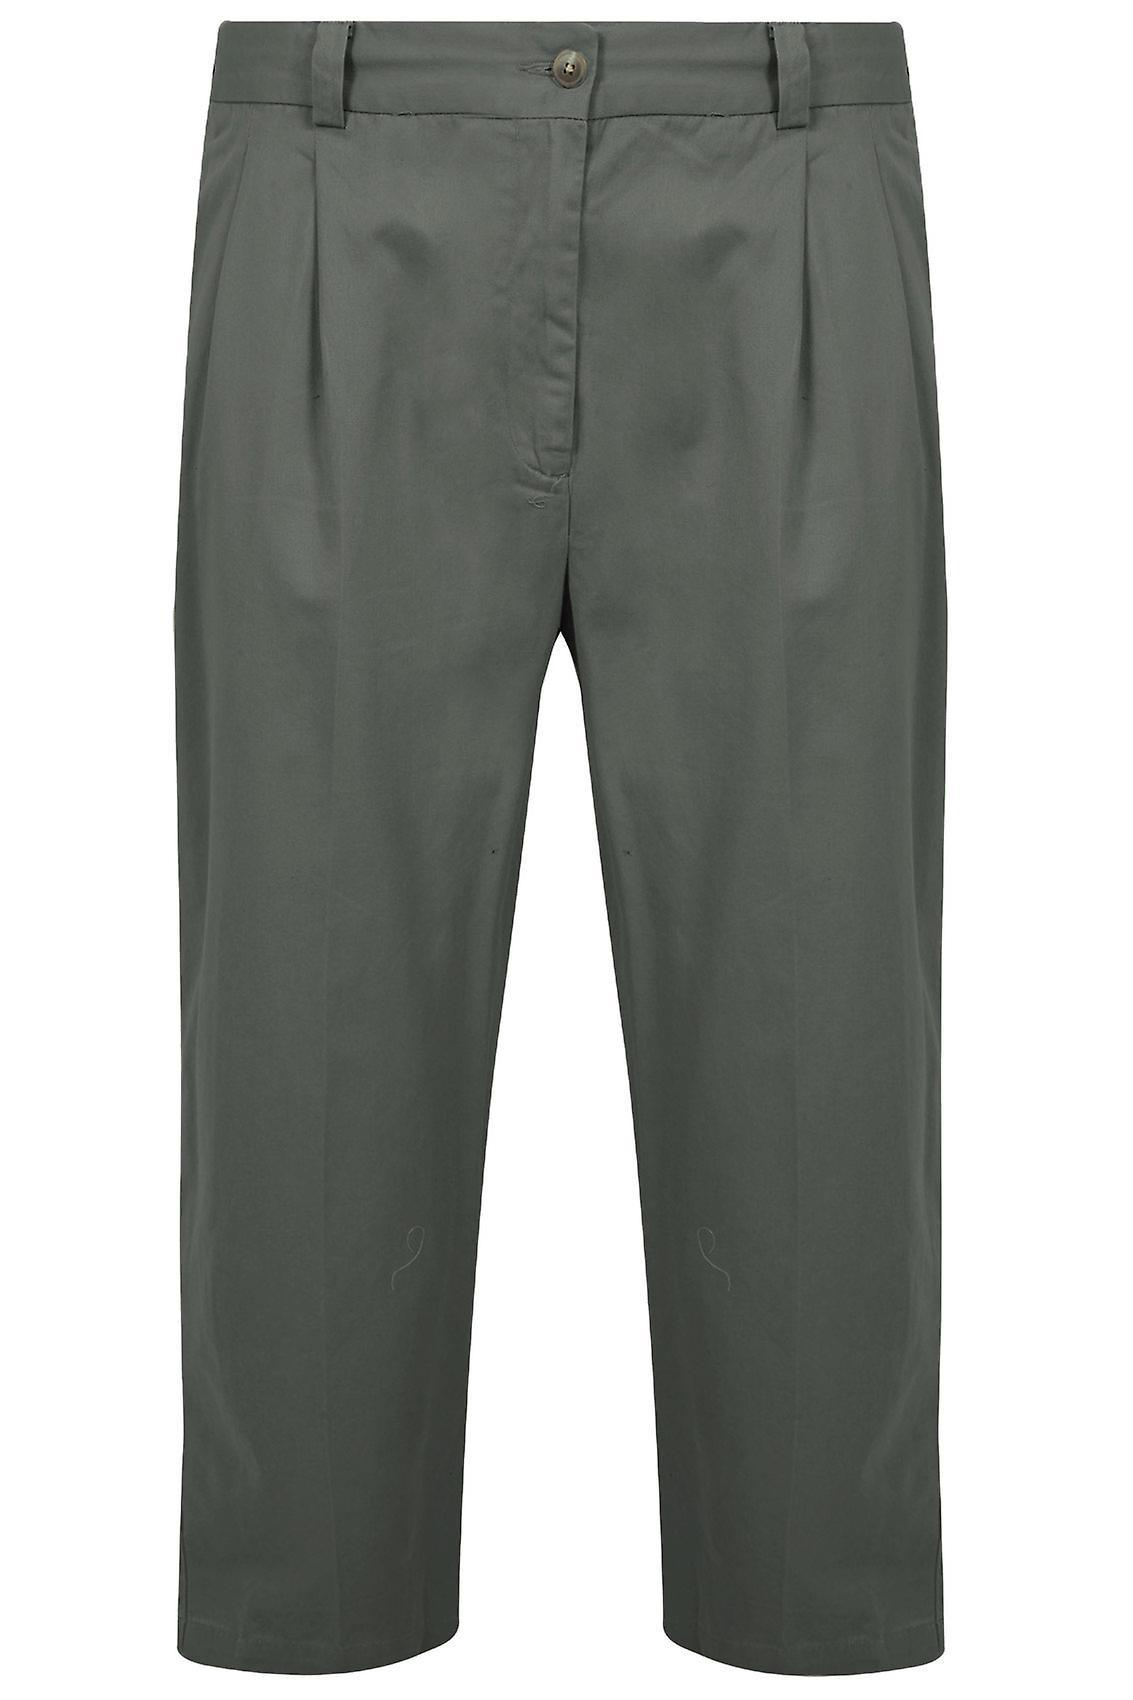 Khaki strekk midje Chino bukser med folder